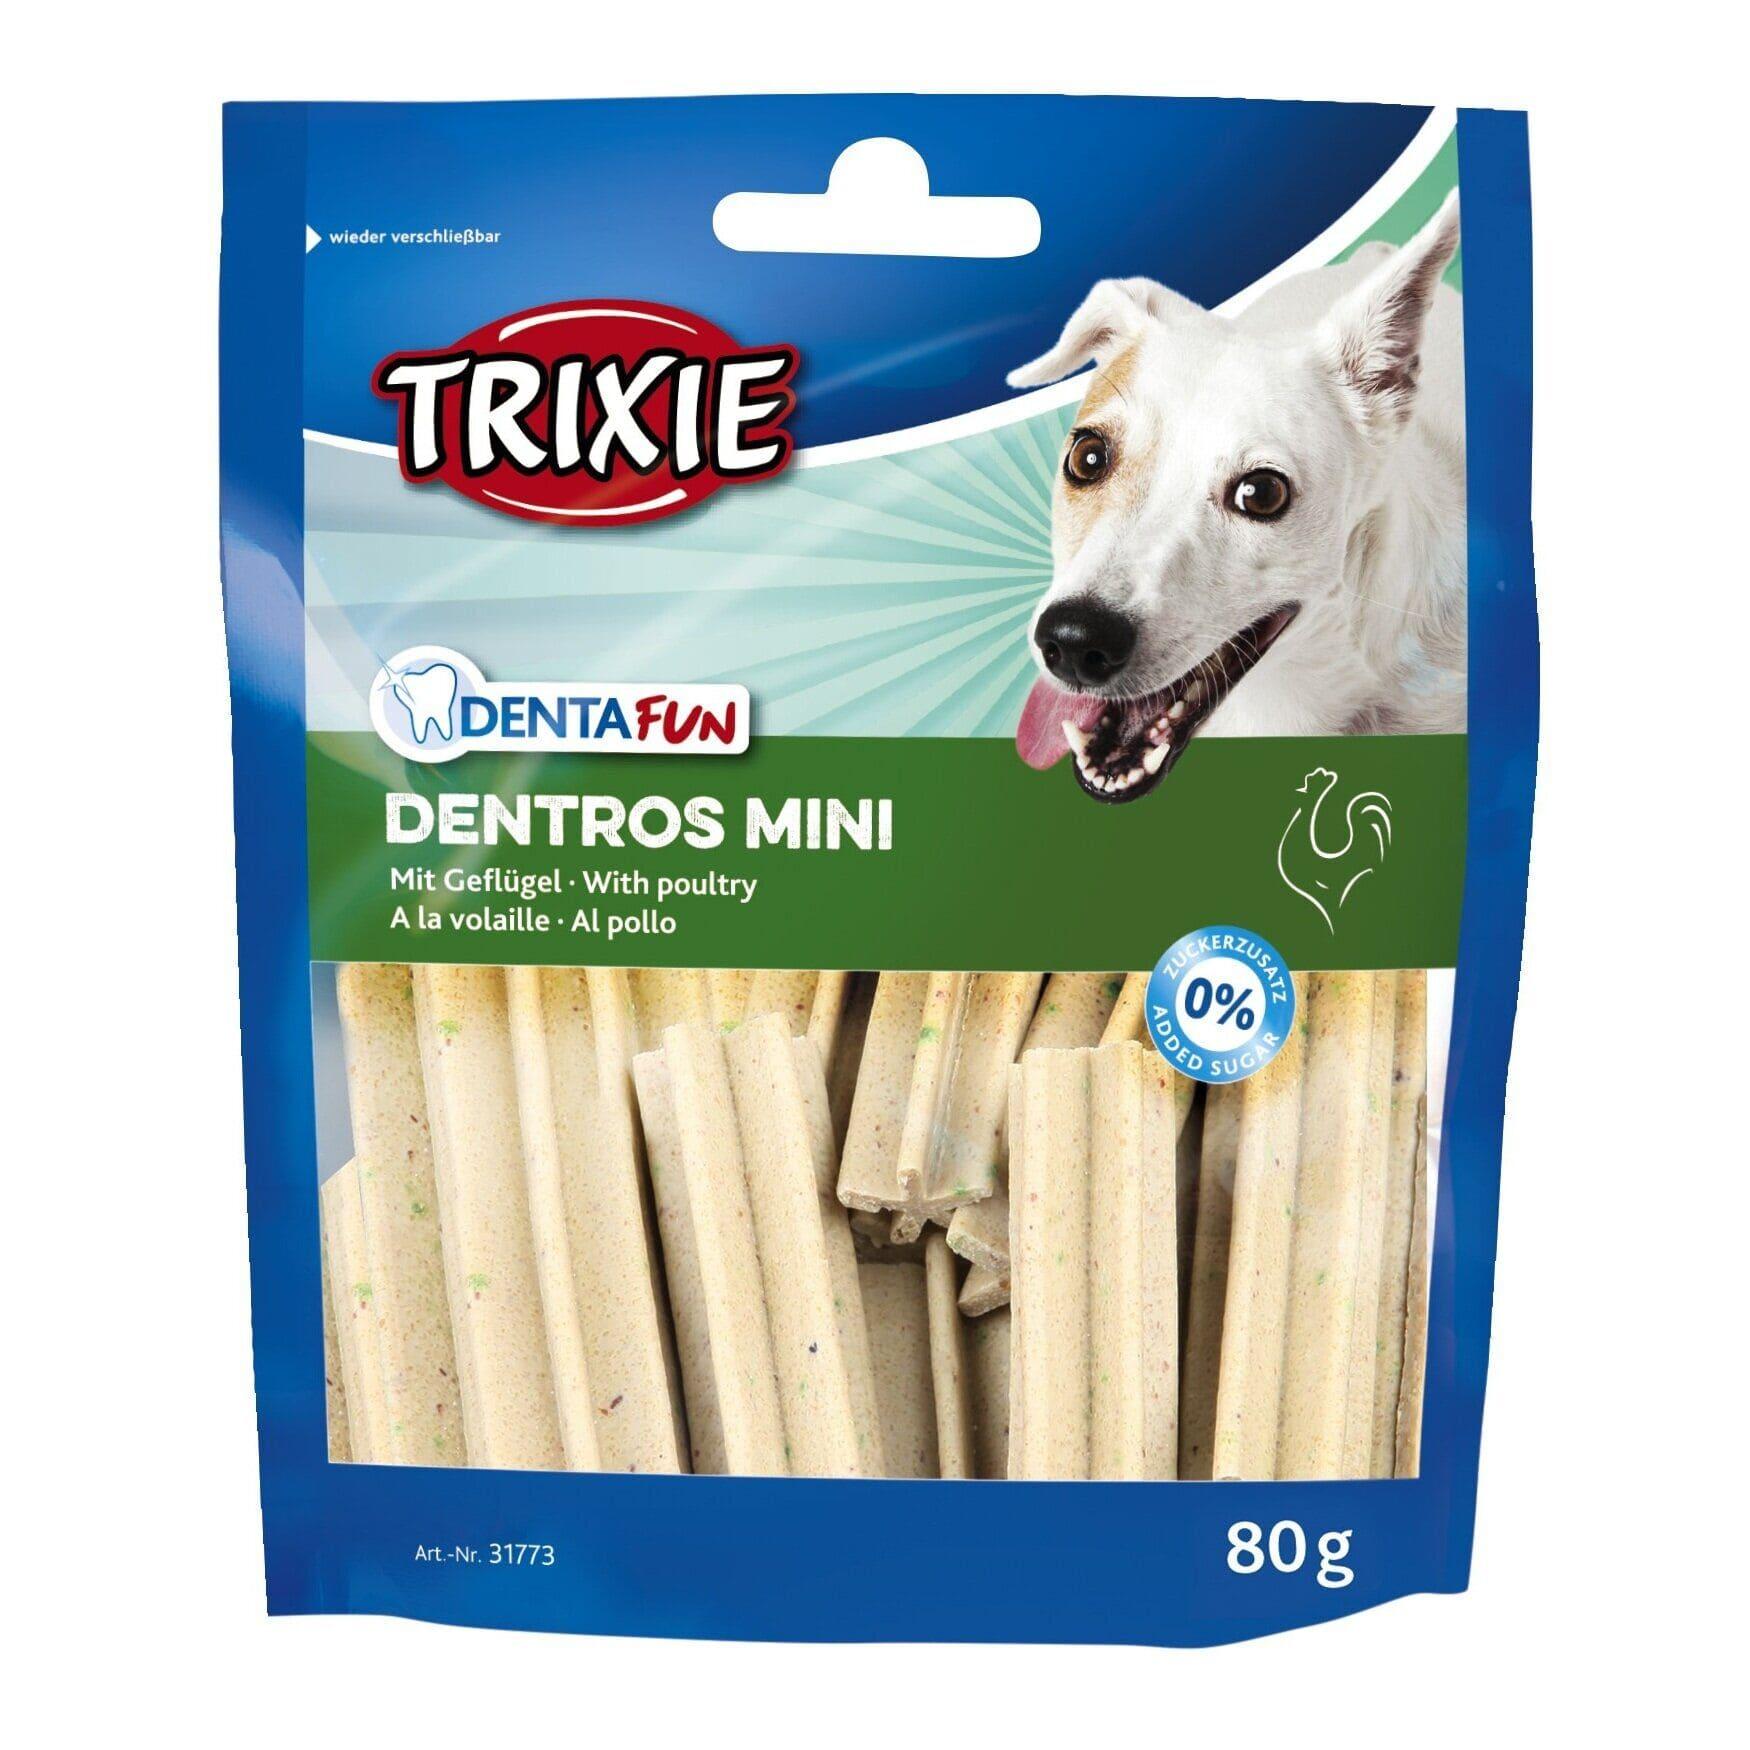 Trixie Dentros Mini лакомство для собак с мясом птицы для очищения зубов от налета